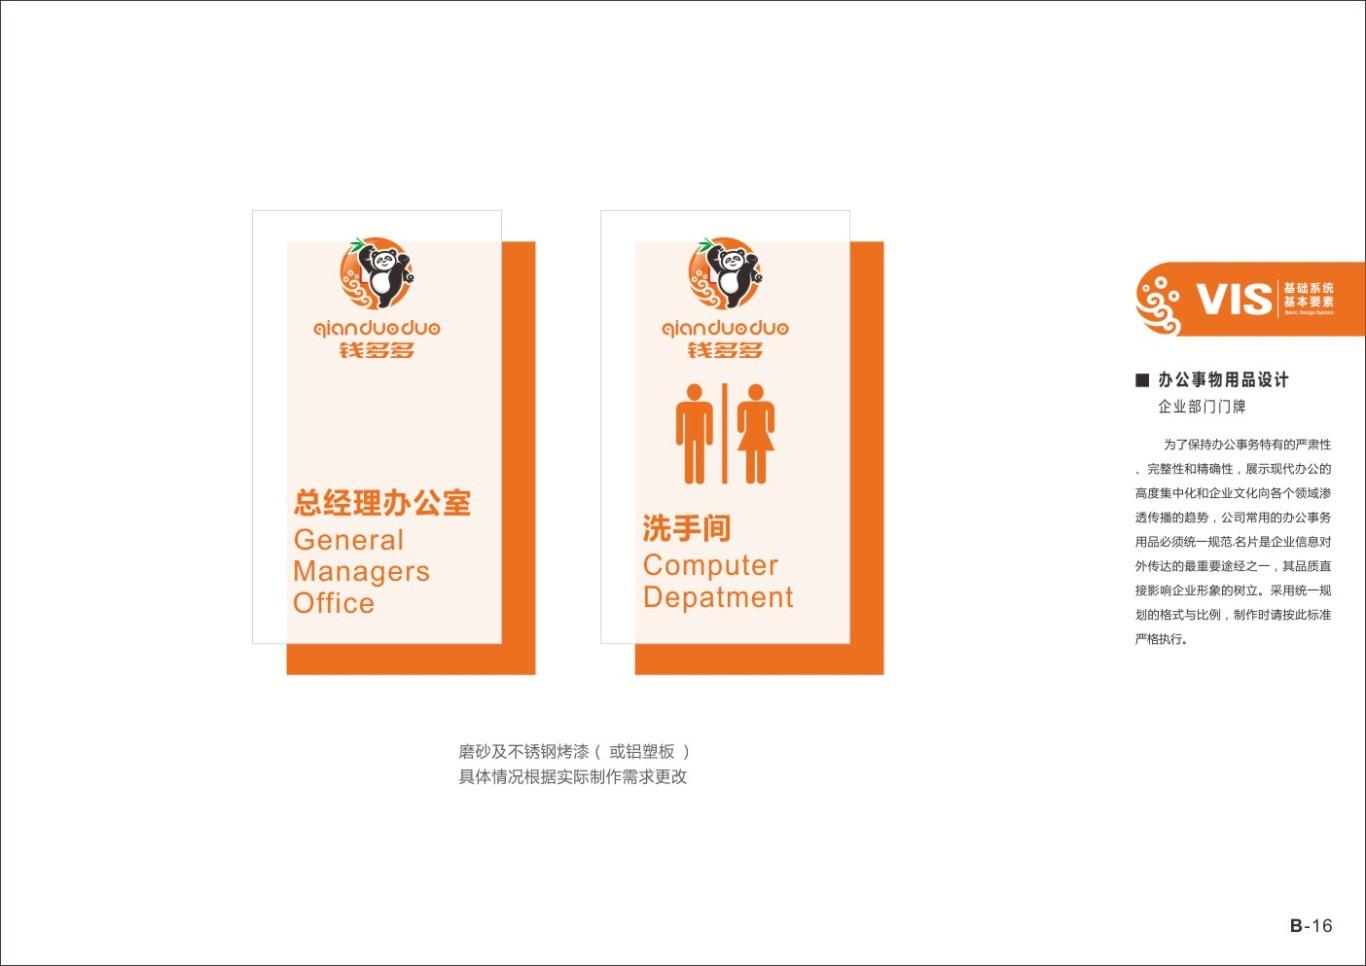 四川广融钱多多品牌及VI形象设计图32